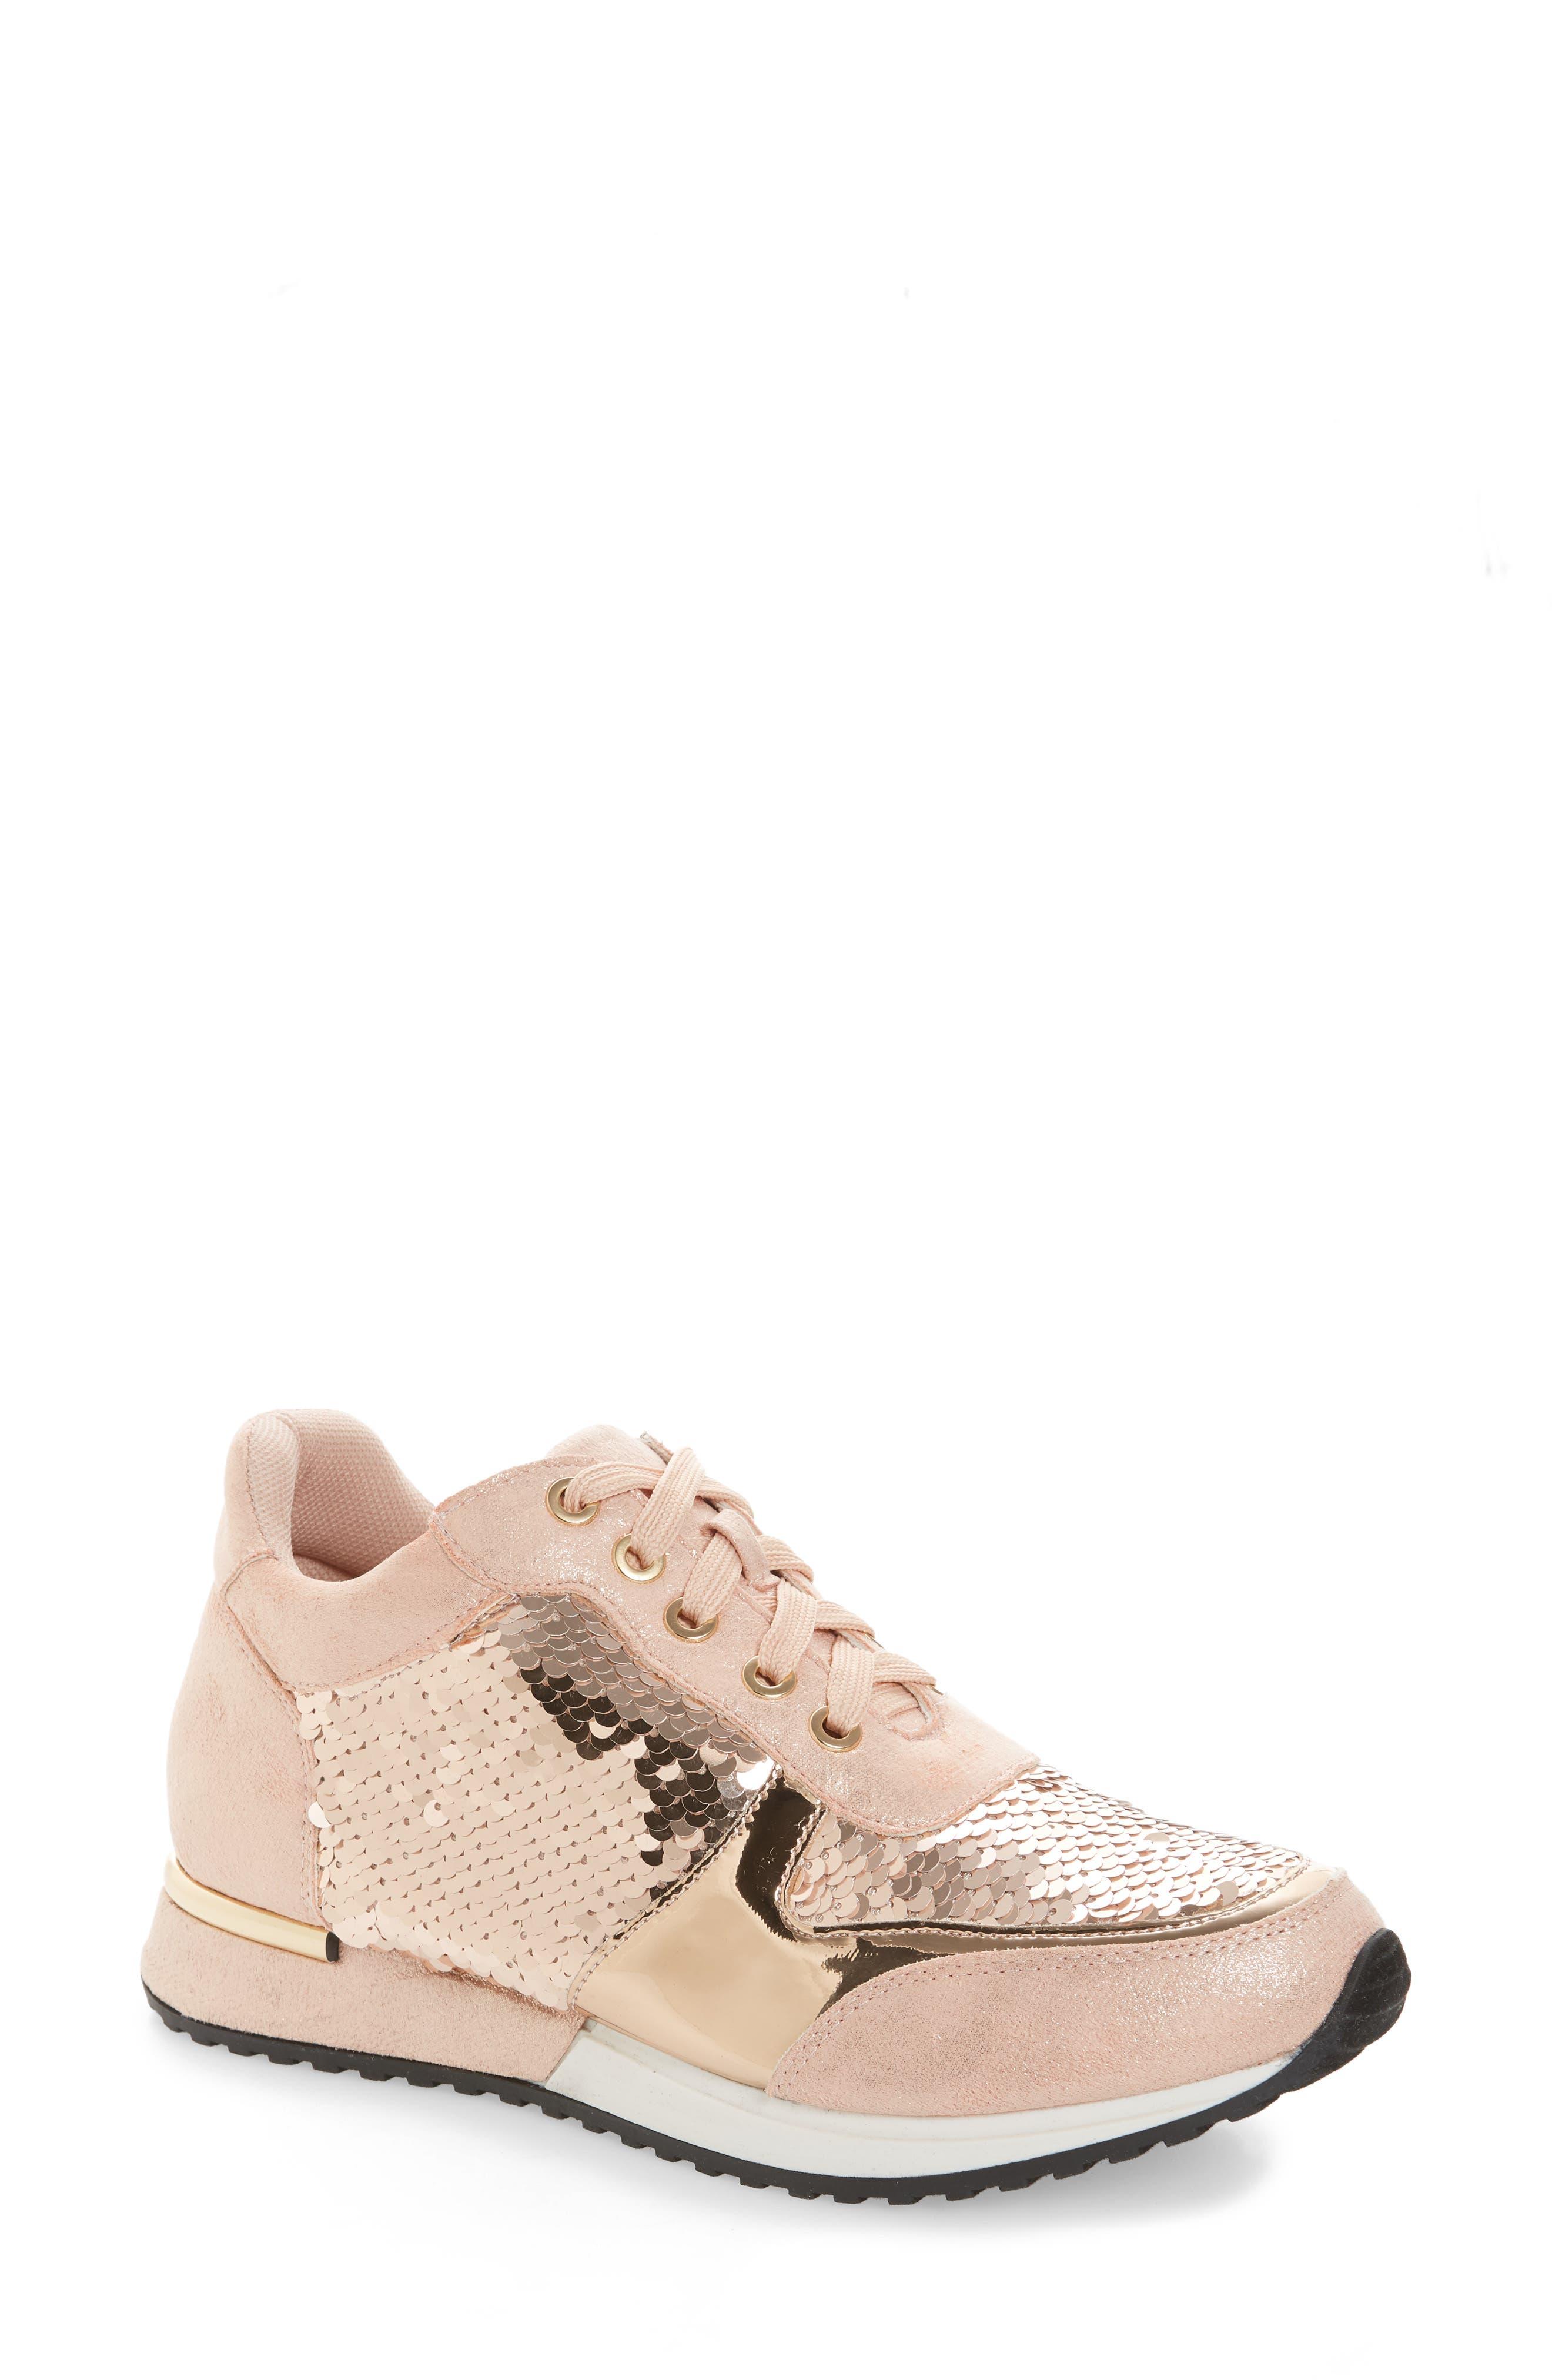 Lauren Lorraine Axel Embellished Sneaker, Pink